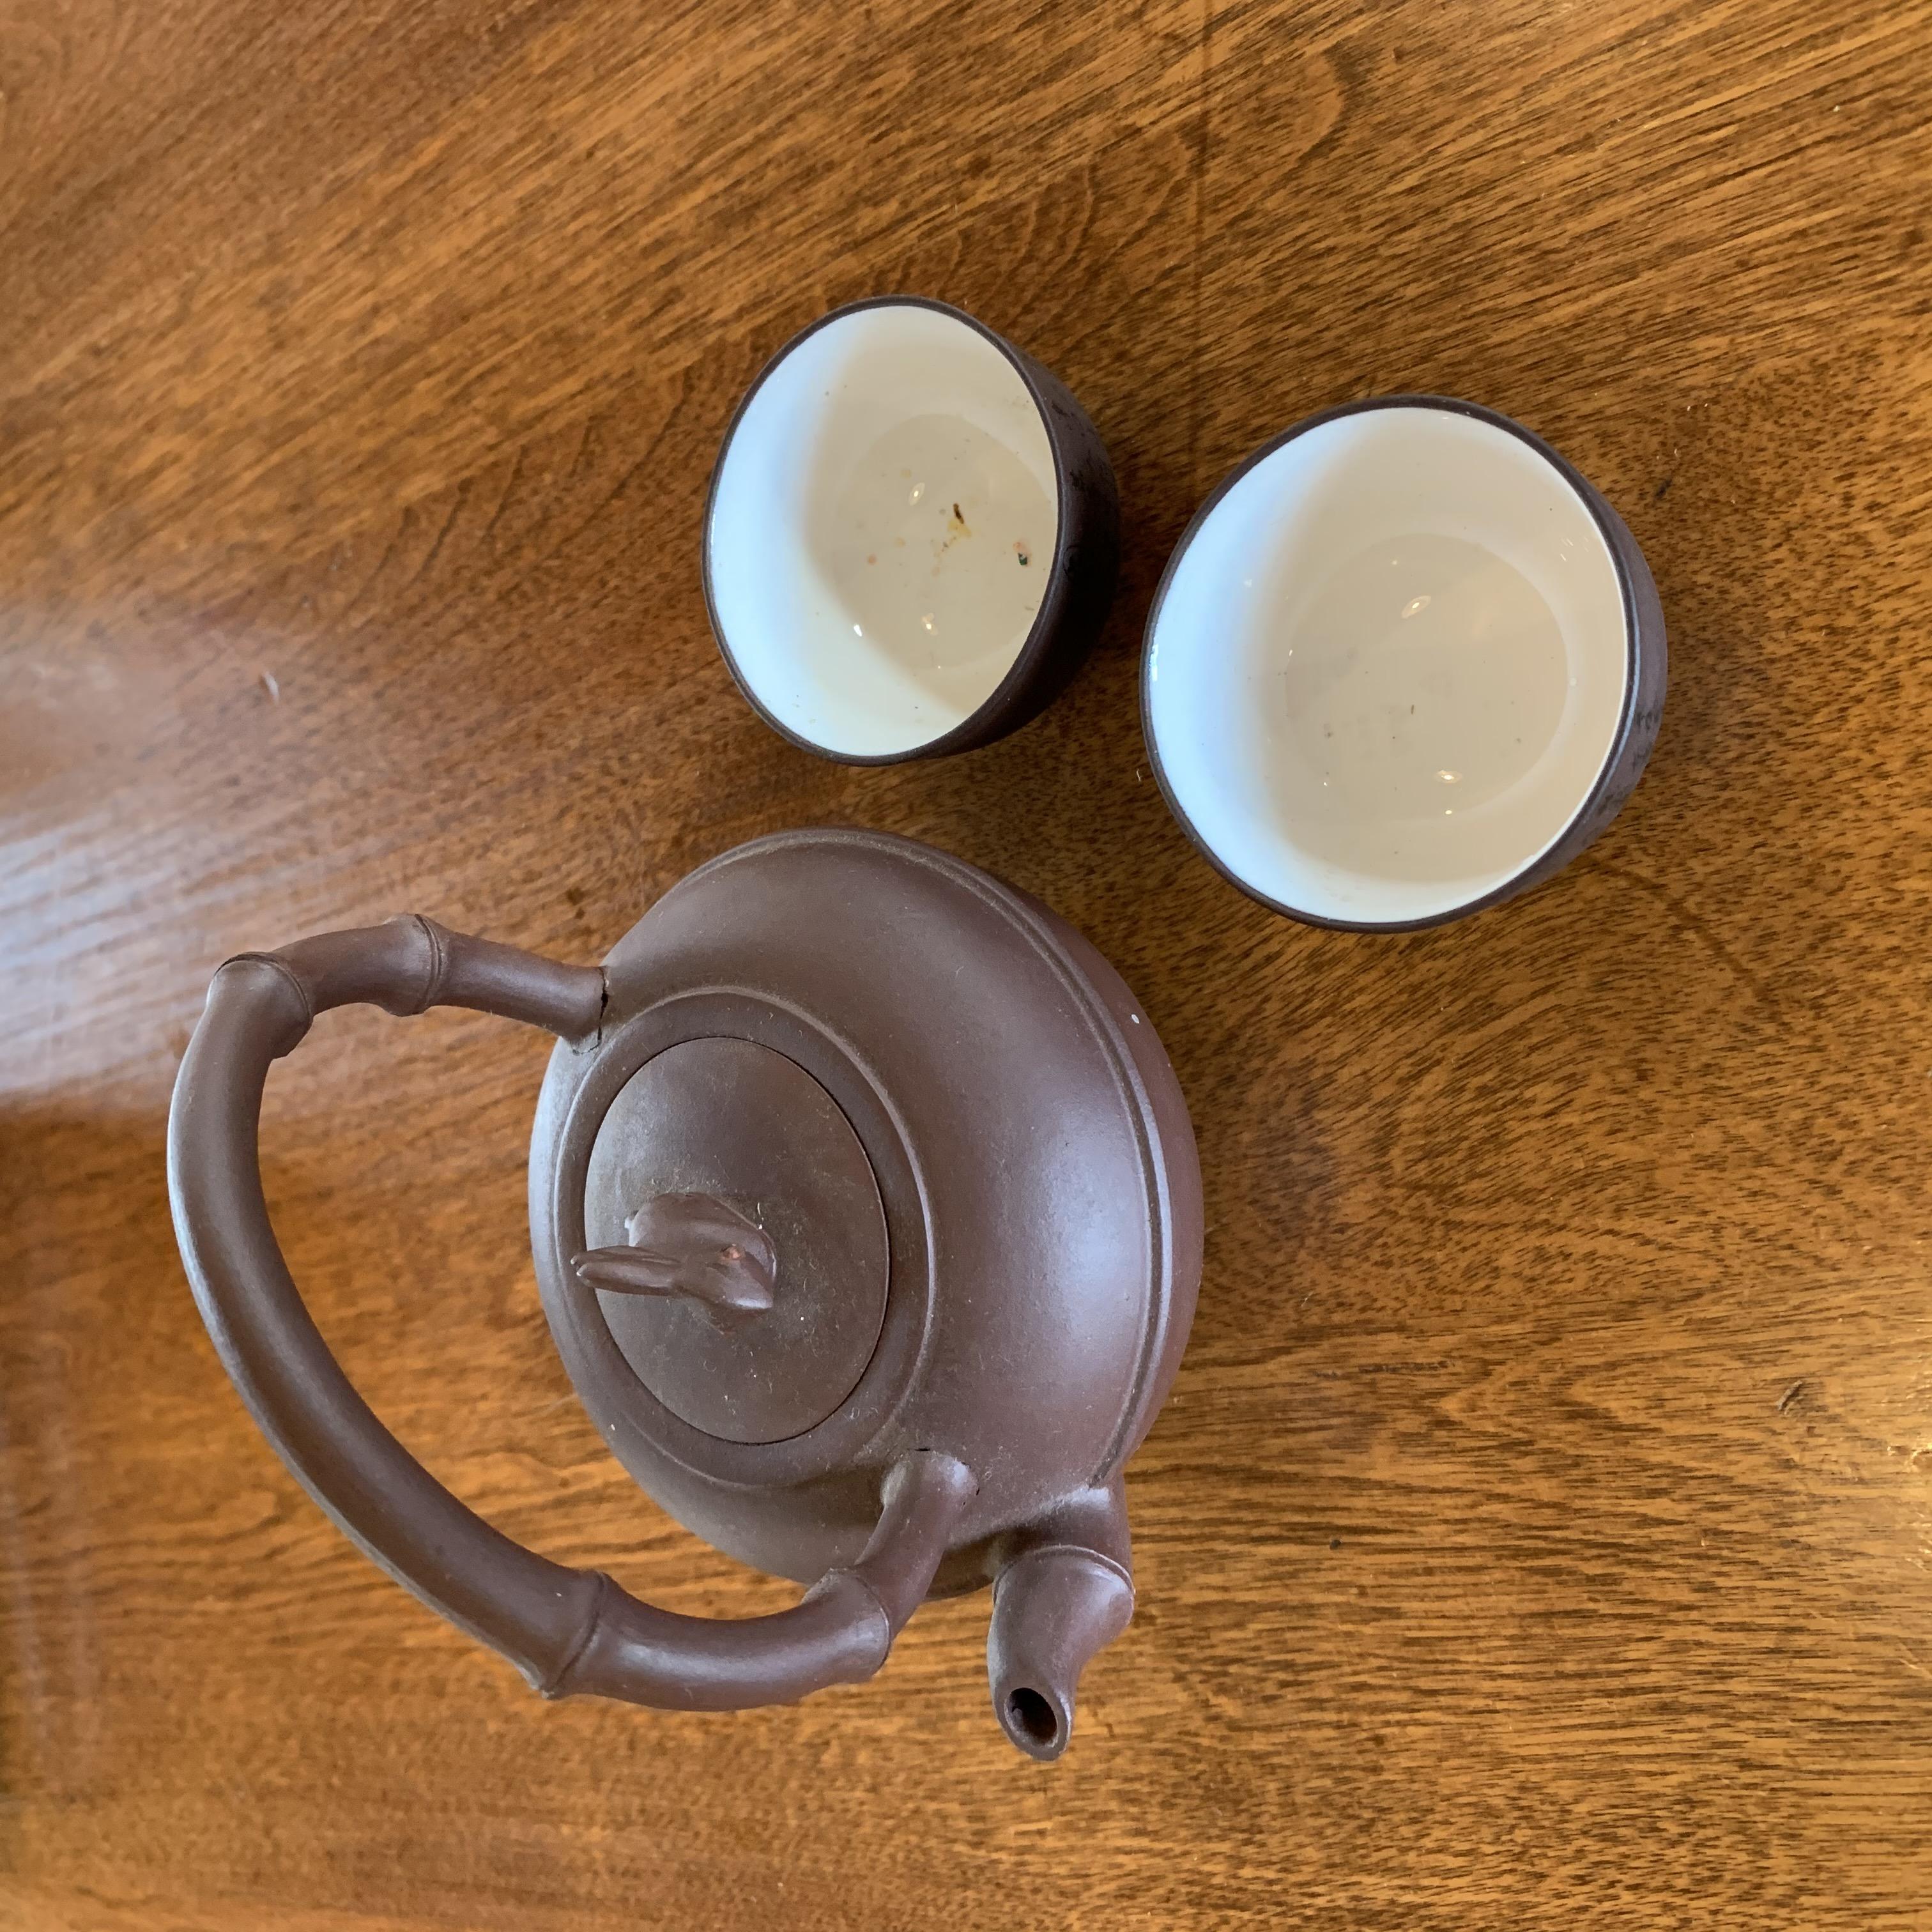 Mini Iron Tea Set